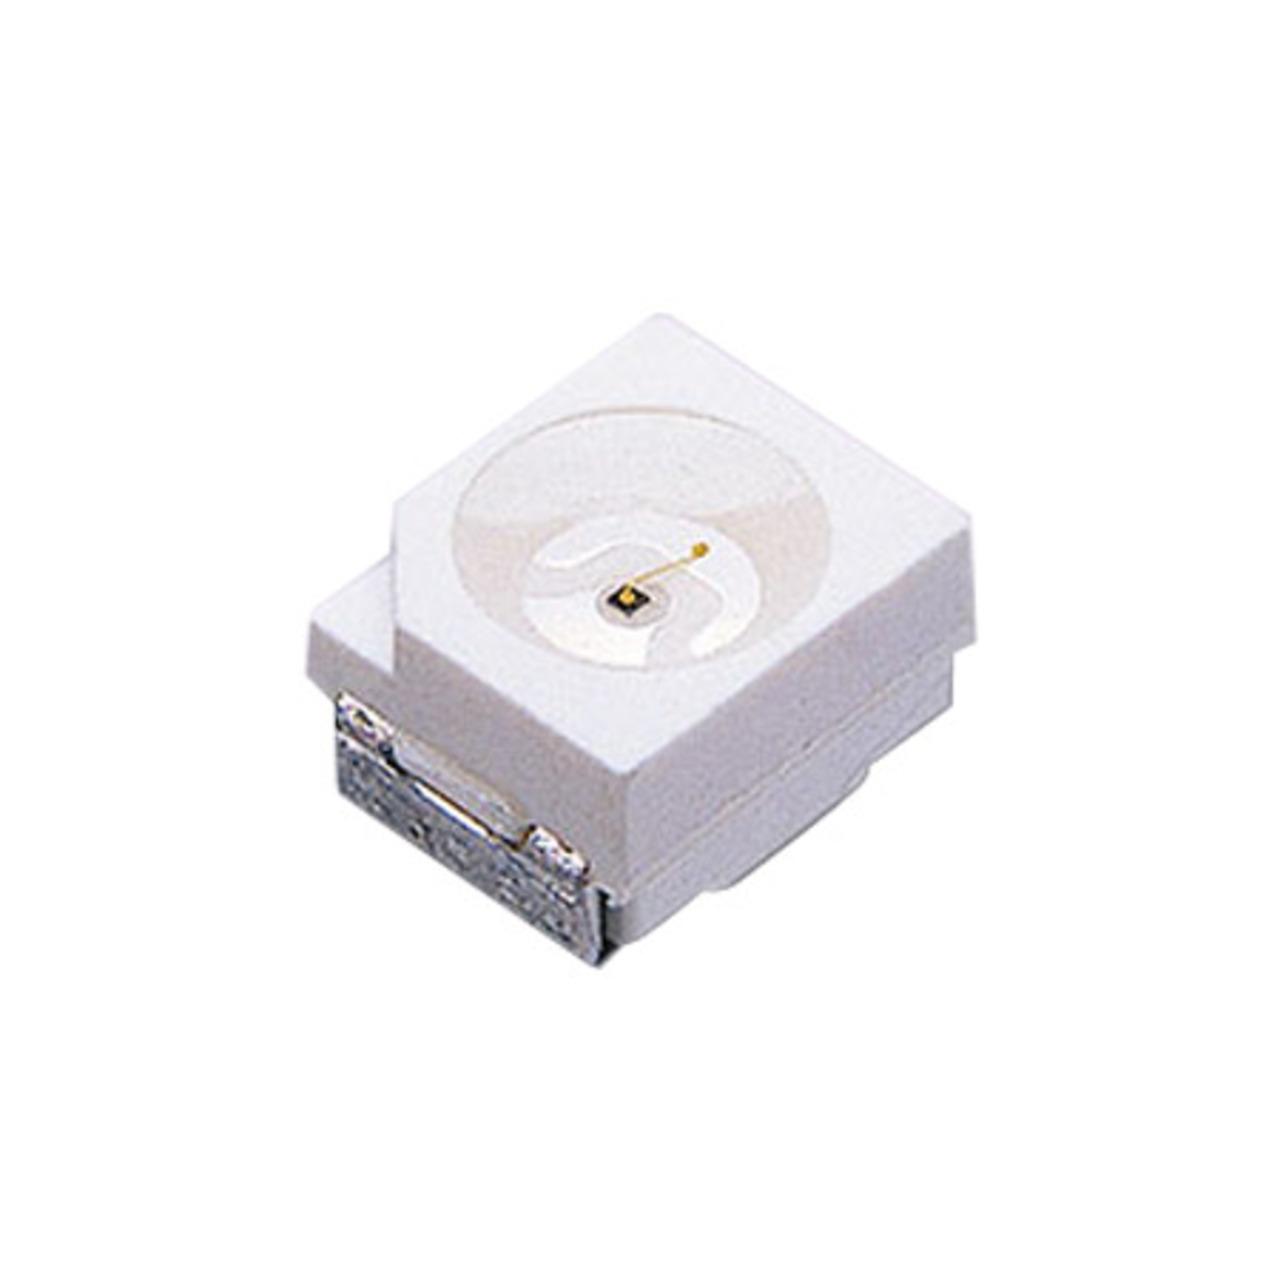 SMD-LED Blau- Bauform TOP (PLCC)- 10er Pack